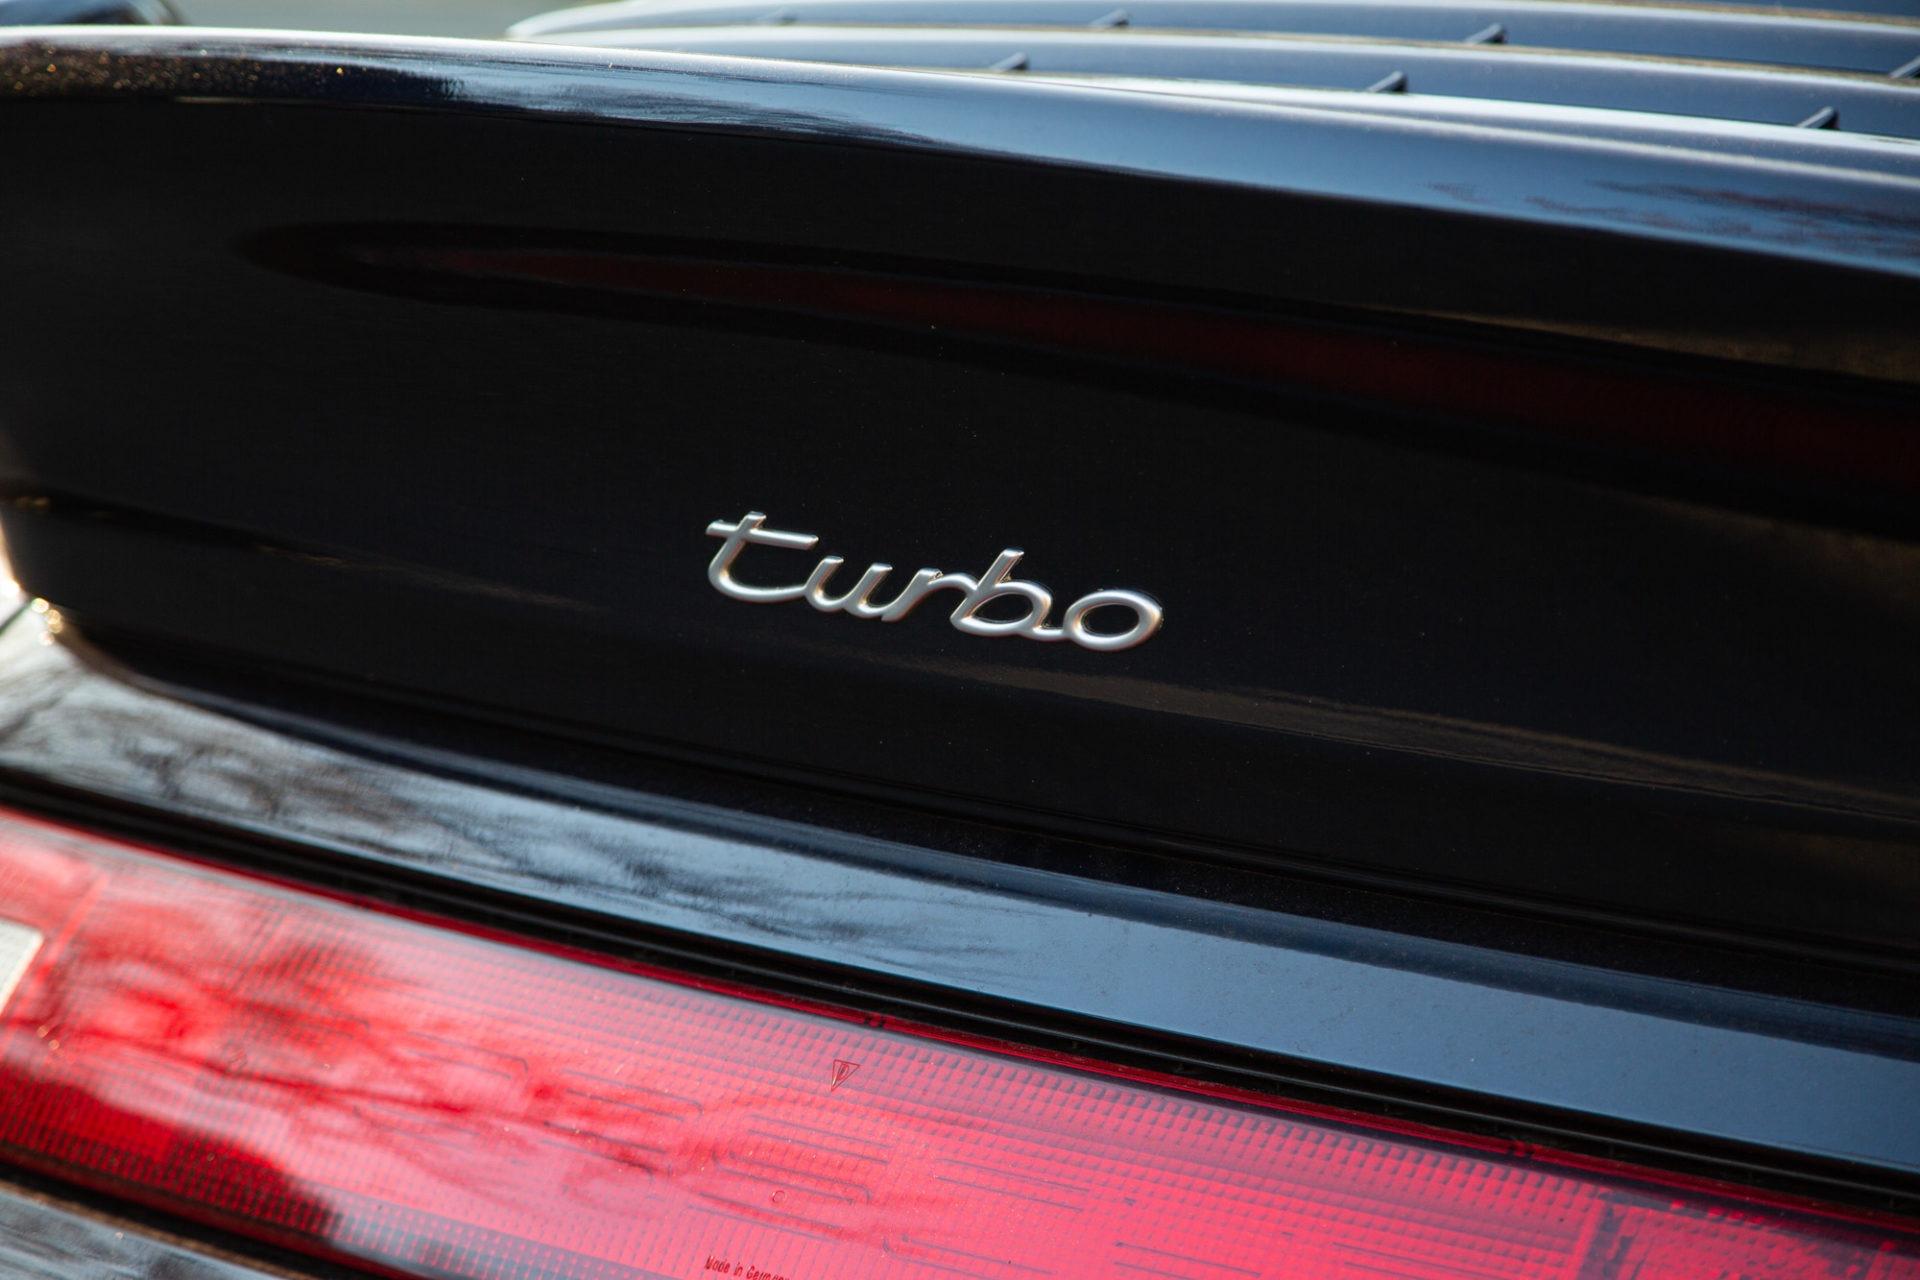 Porsche 911 Type 993 Turbo - Aileron